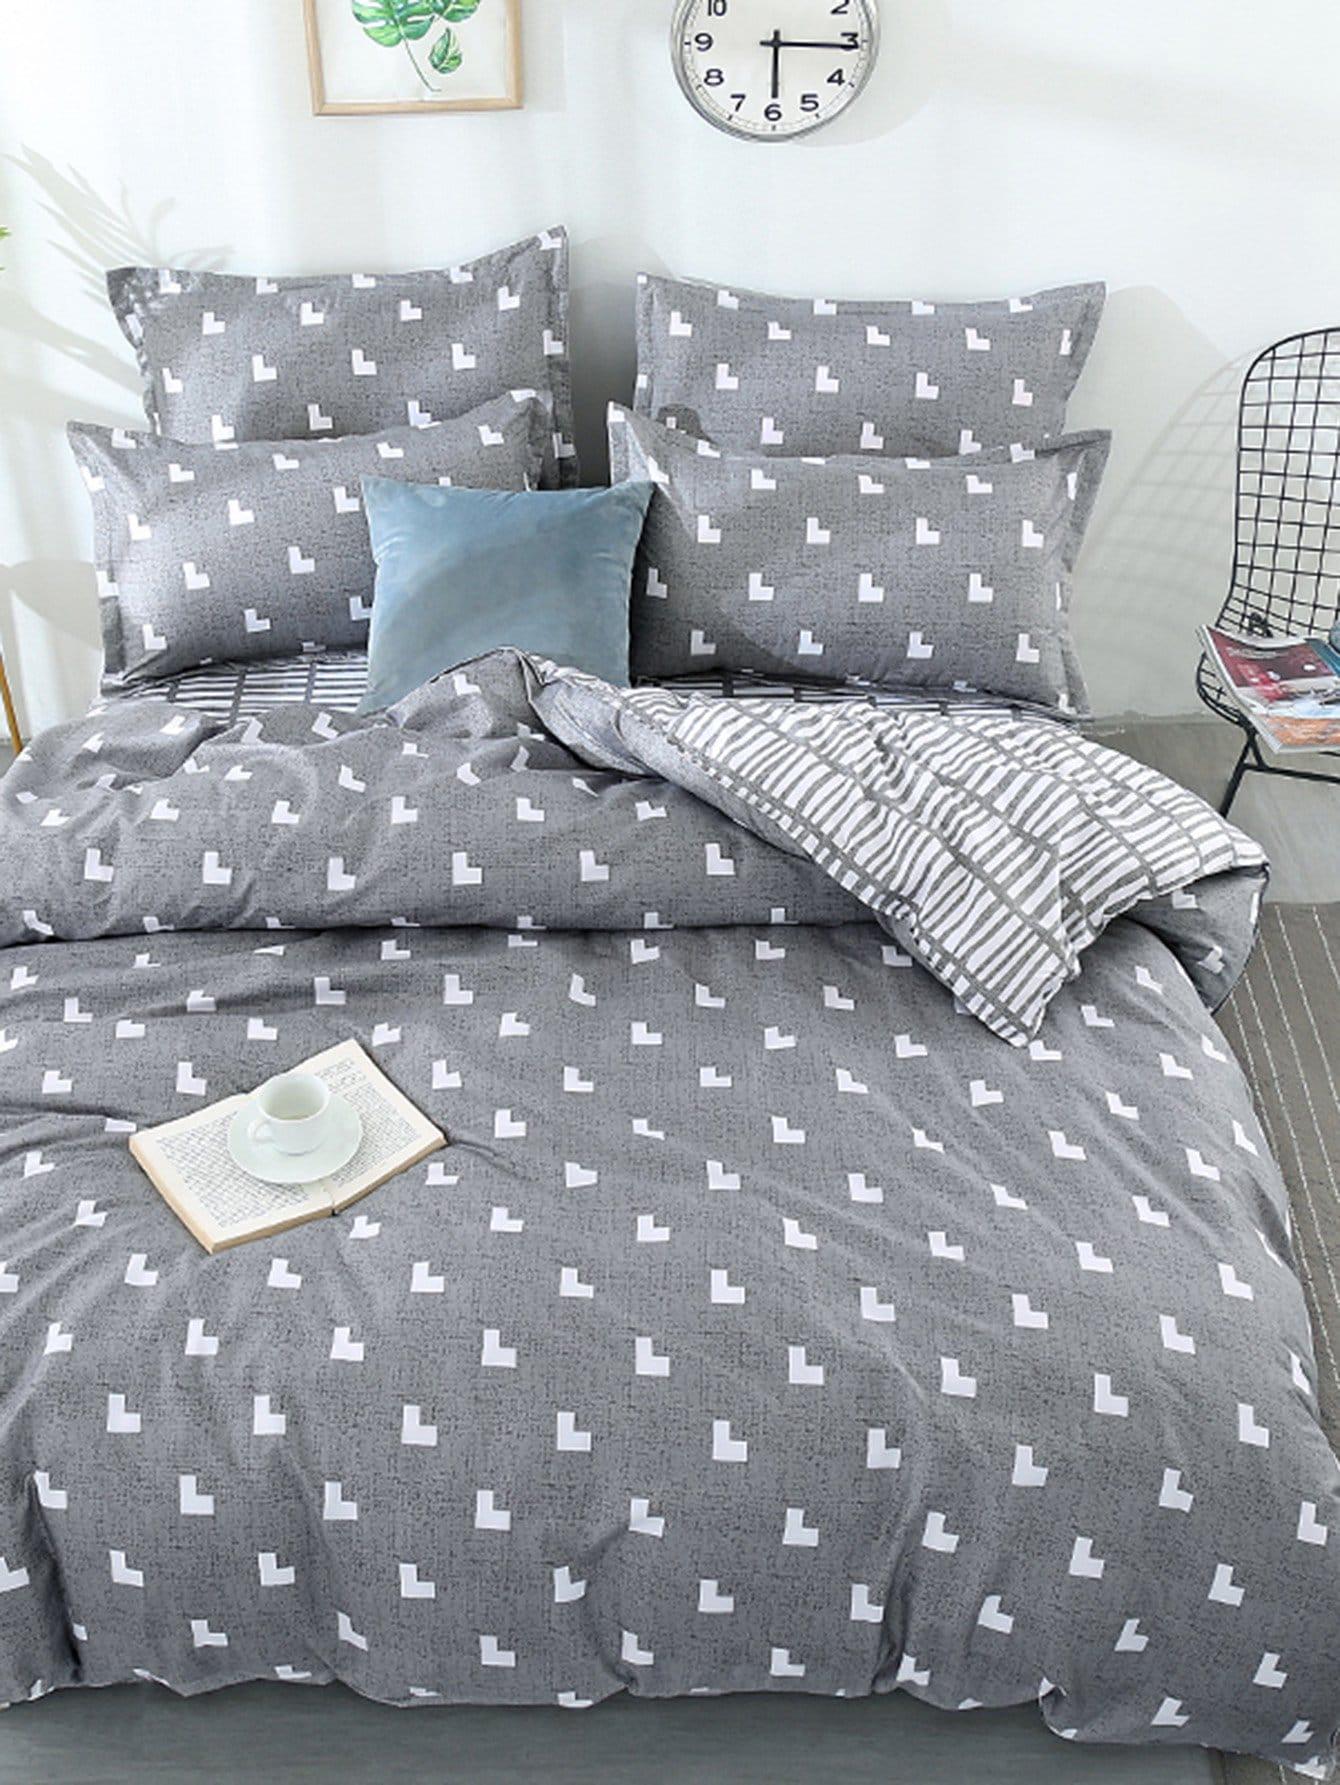 Купить Комлпект постельного белья с полосками и сердце, null, SheIn